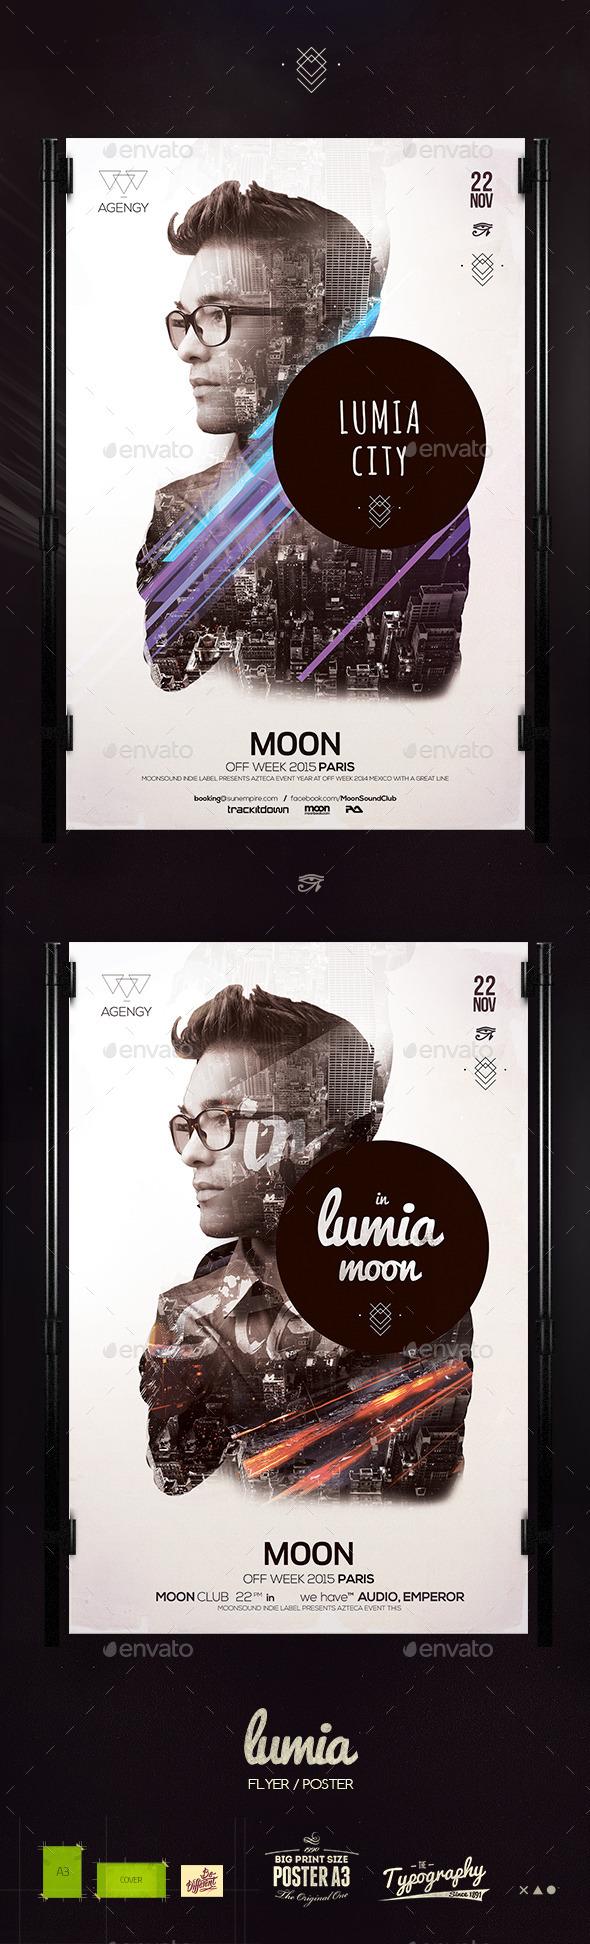 GraphicRiver Lumia Poster 10834428